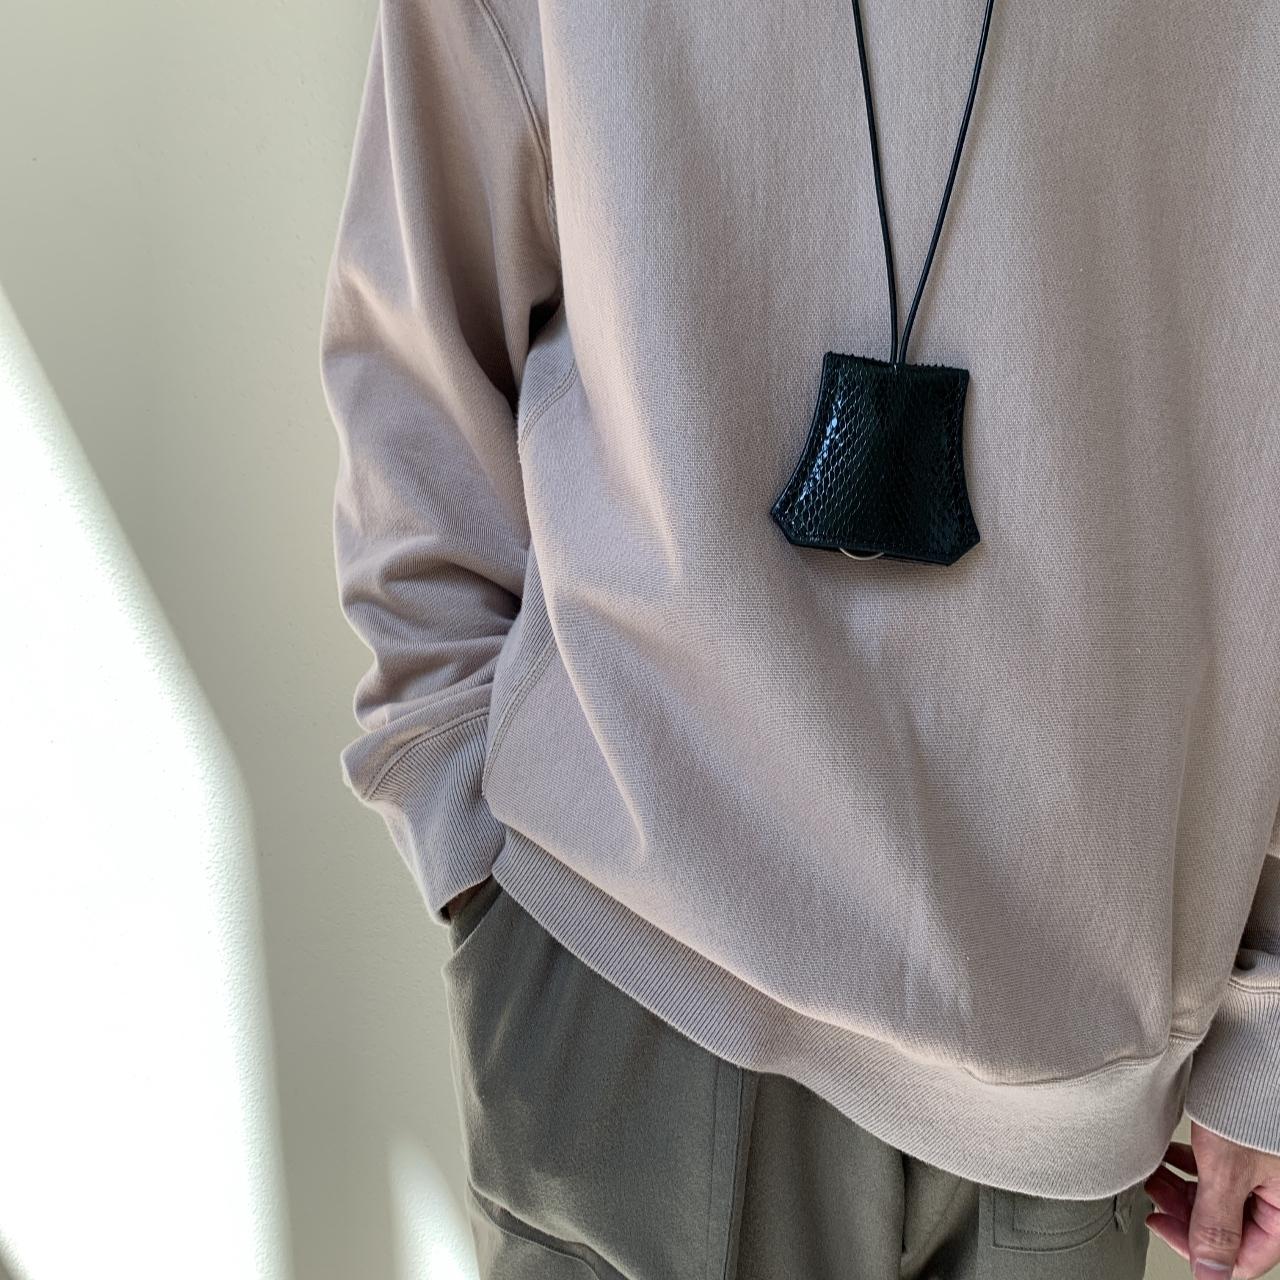 Hender Scheme - Python key neck holder